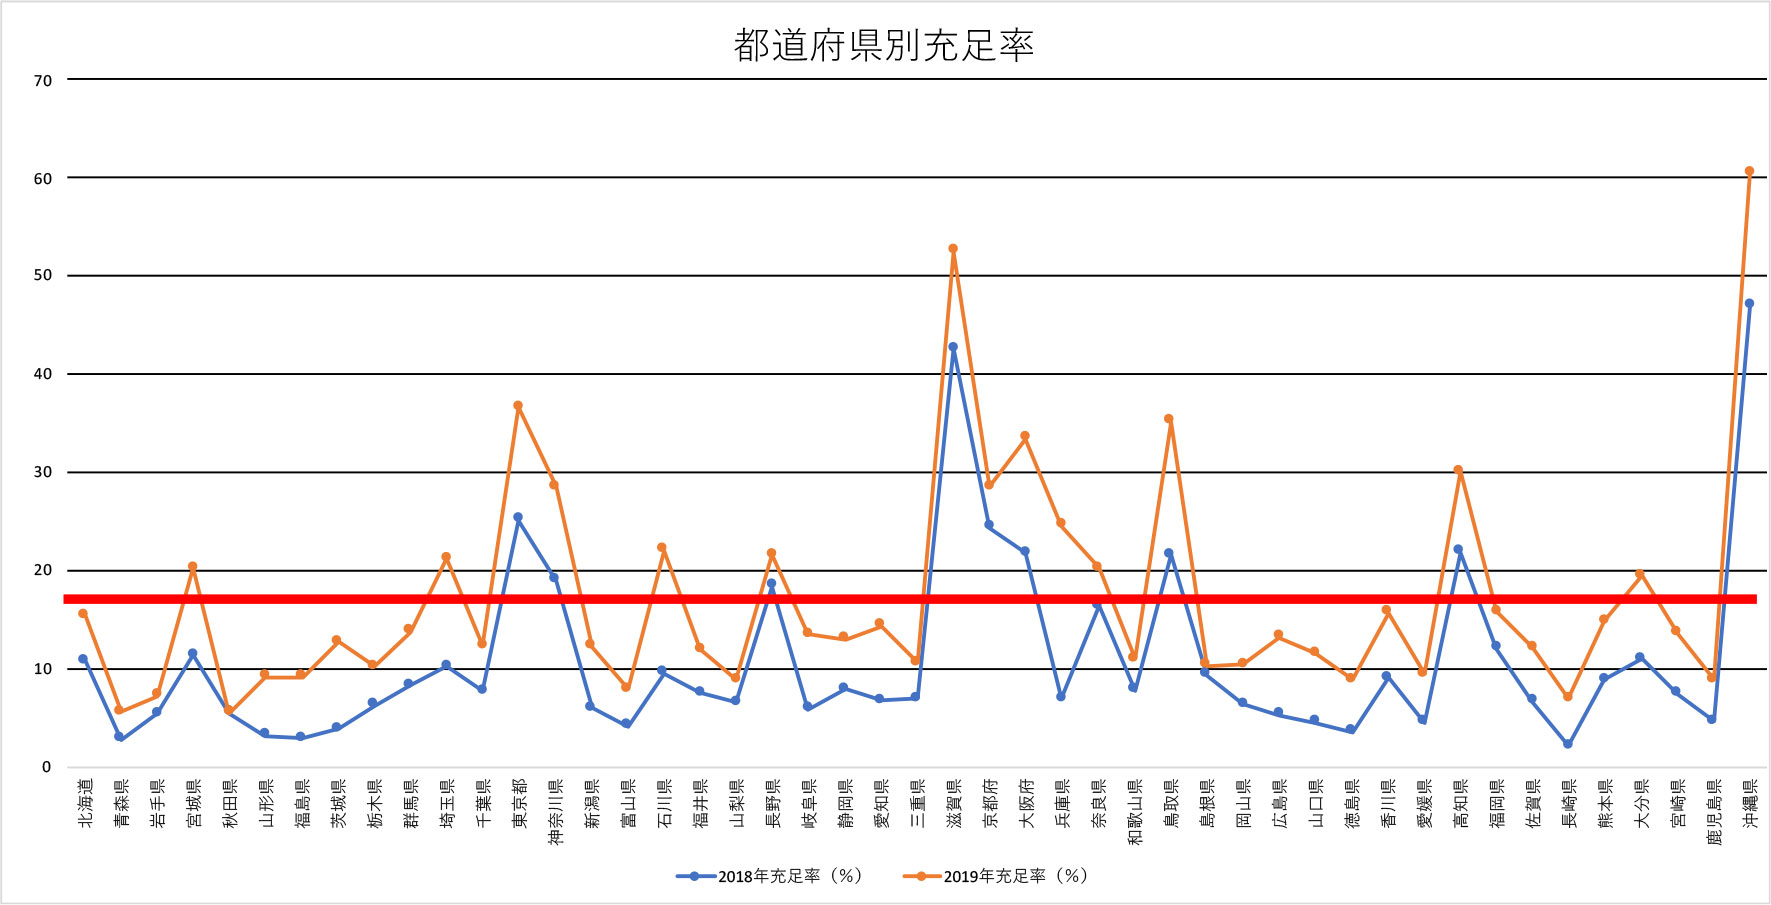 2019年調査の都道府県別充足率のグラフ